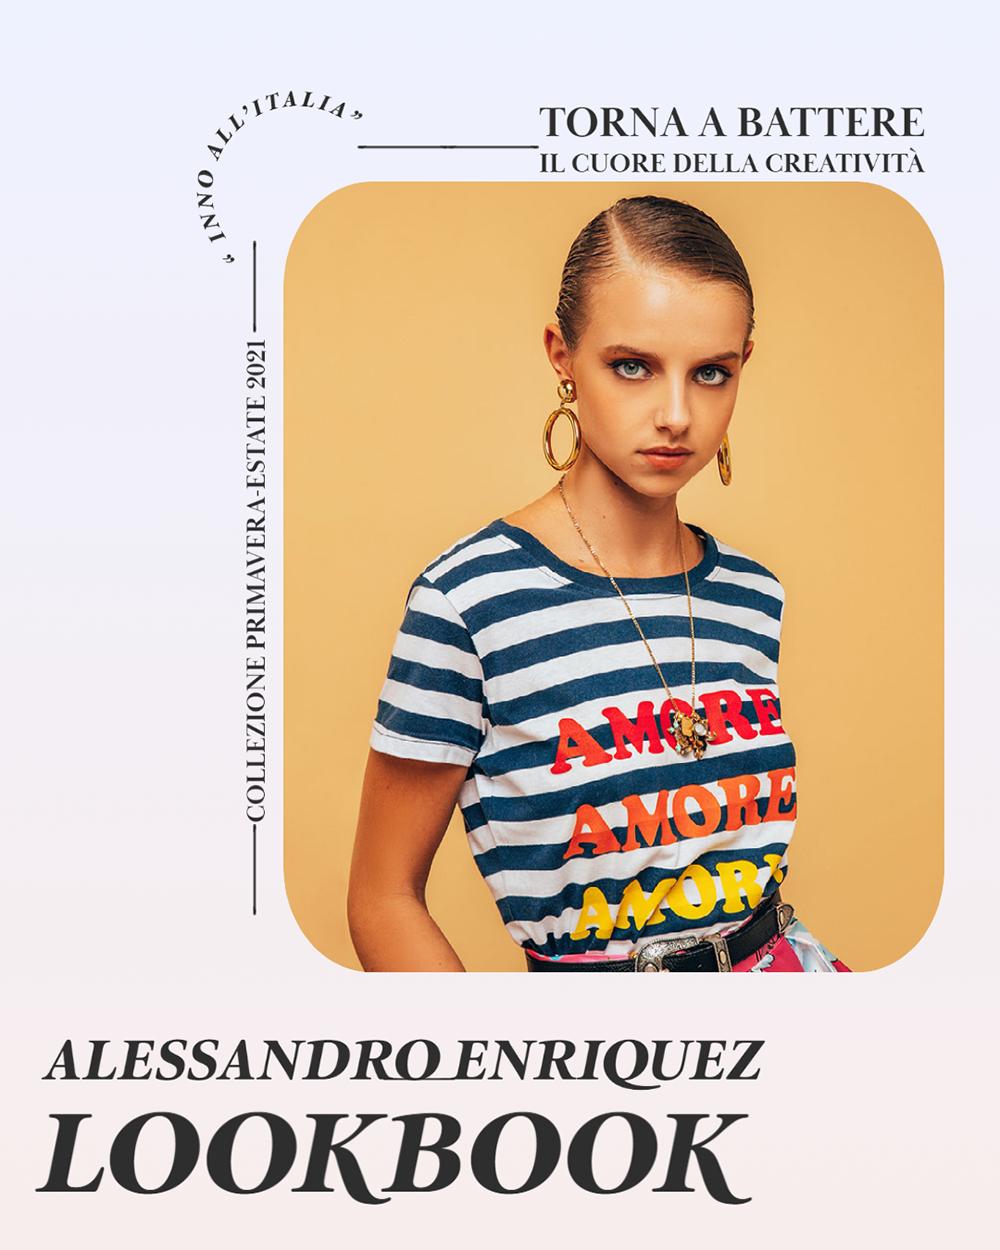 Alessandro-Enriquez